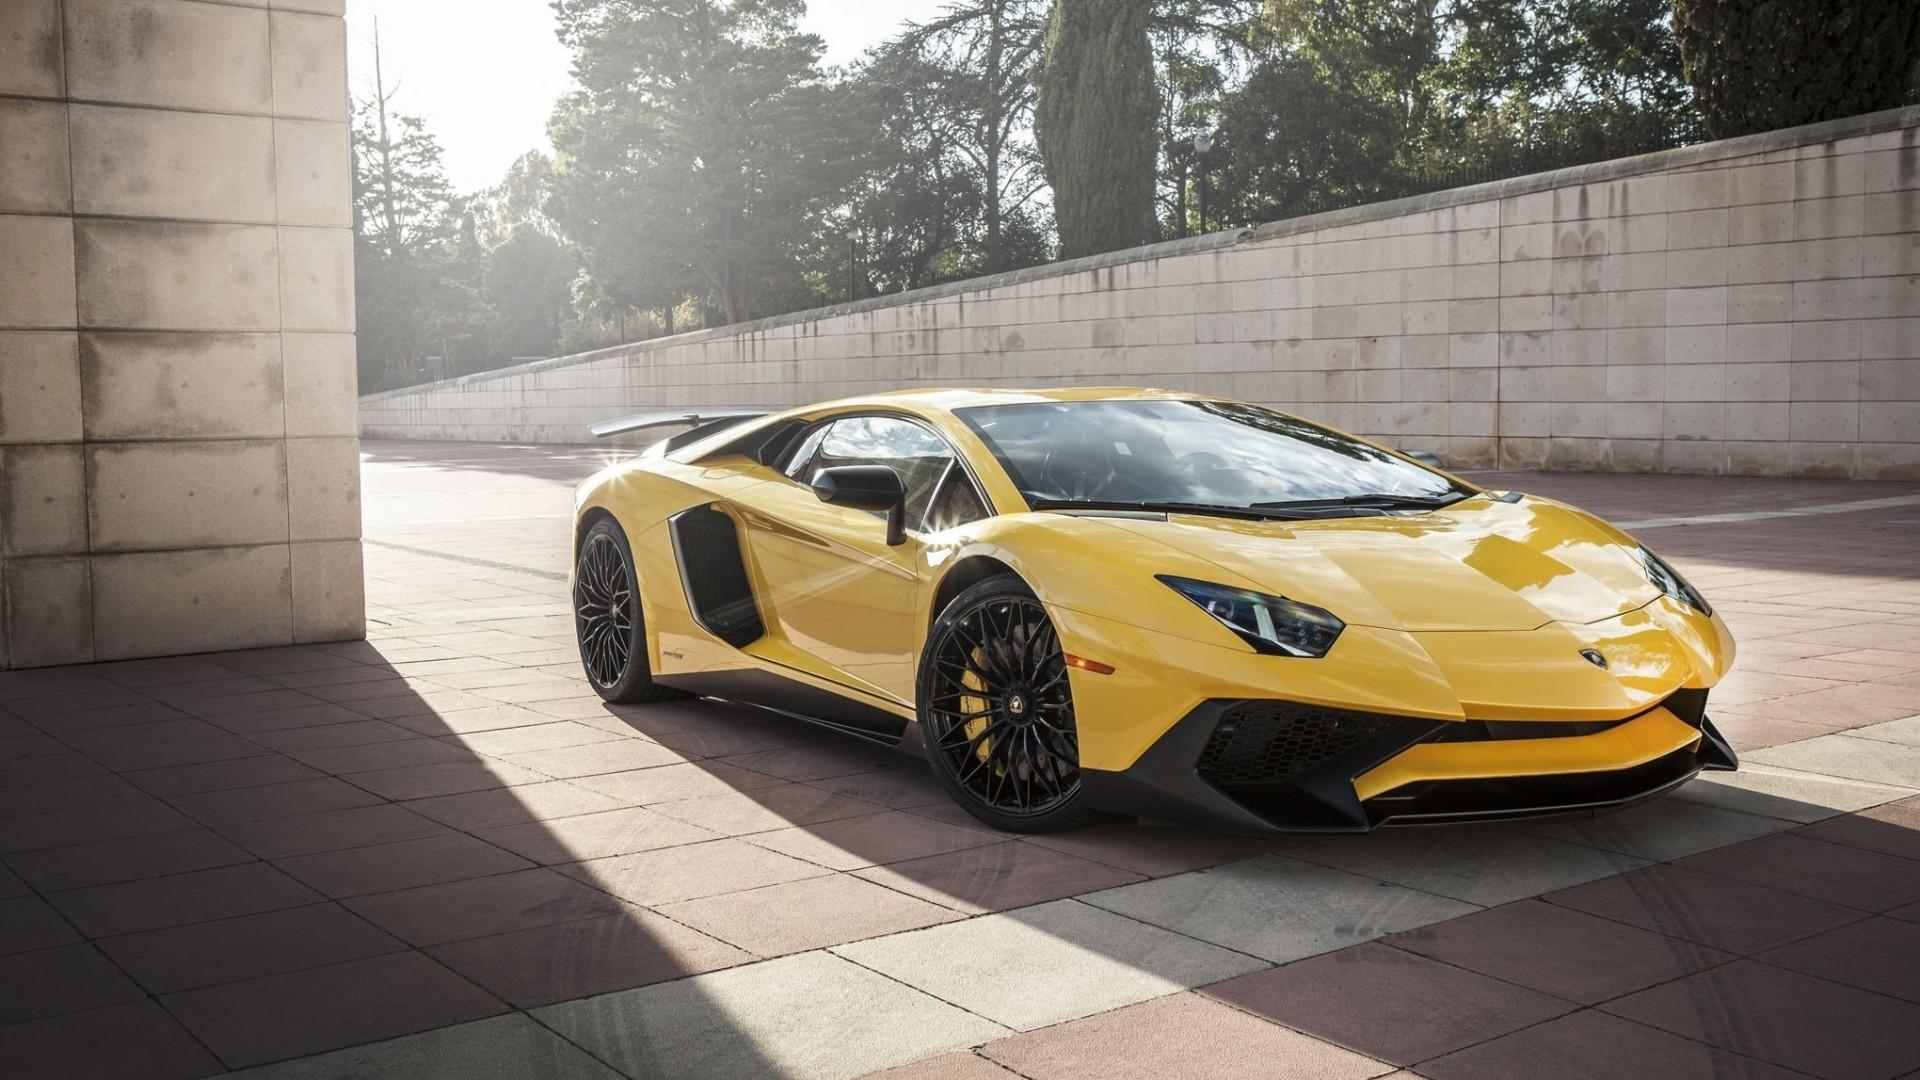 Lamborghini top hd wallpapers https://worldcricketevents.com/lamborghini-hd- wallpapers-free-download/   Lamborghini hd wallpapers for desktop    Pinterest …